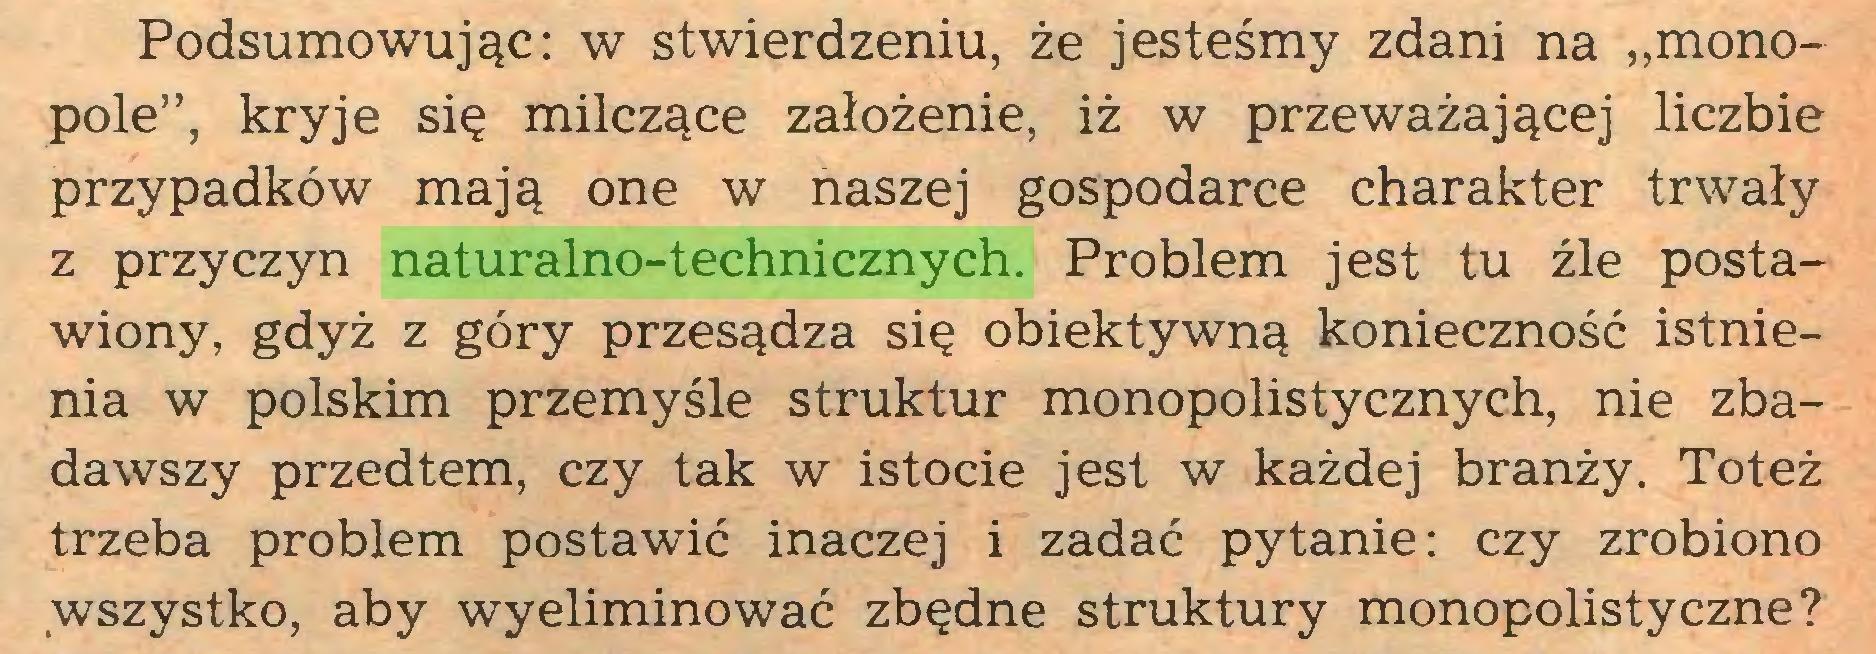 """(...) Podsumowując: w stwierdzeniu, że jesteśmy zdani na """"monopole"""", kryje się milczące założenie, iż w przeważającej liczbie przypadków mają one w naszej gospodarce charakter trwały z przyczyn naturalno-technicznych. Problem jest tu źle postawiony, gdyż z góry przesądza się obiektywną konieczność istnienia w polskim przemyśle struktur monopolistycznych, nie zbadawszy przedtem, czy tak w istocie jest w każdej branży. Toteż trzeba problem postawić inaczej i zadać pytanie: czy zrobiono wszystko, aby wyeliminować zbędne struktury monopolistyczne?..."""